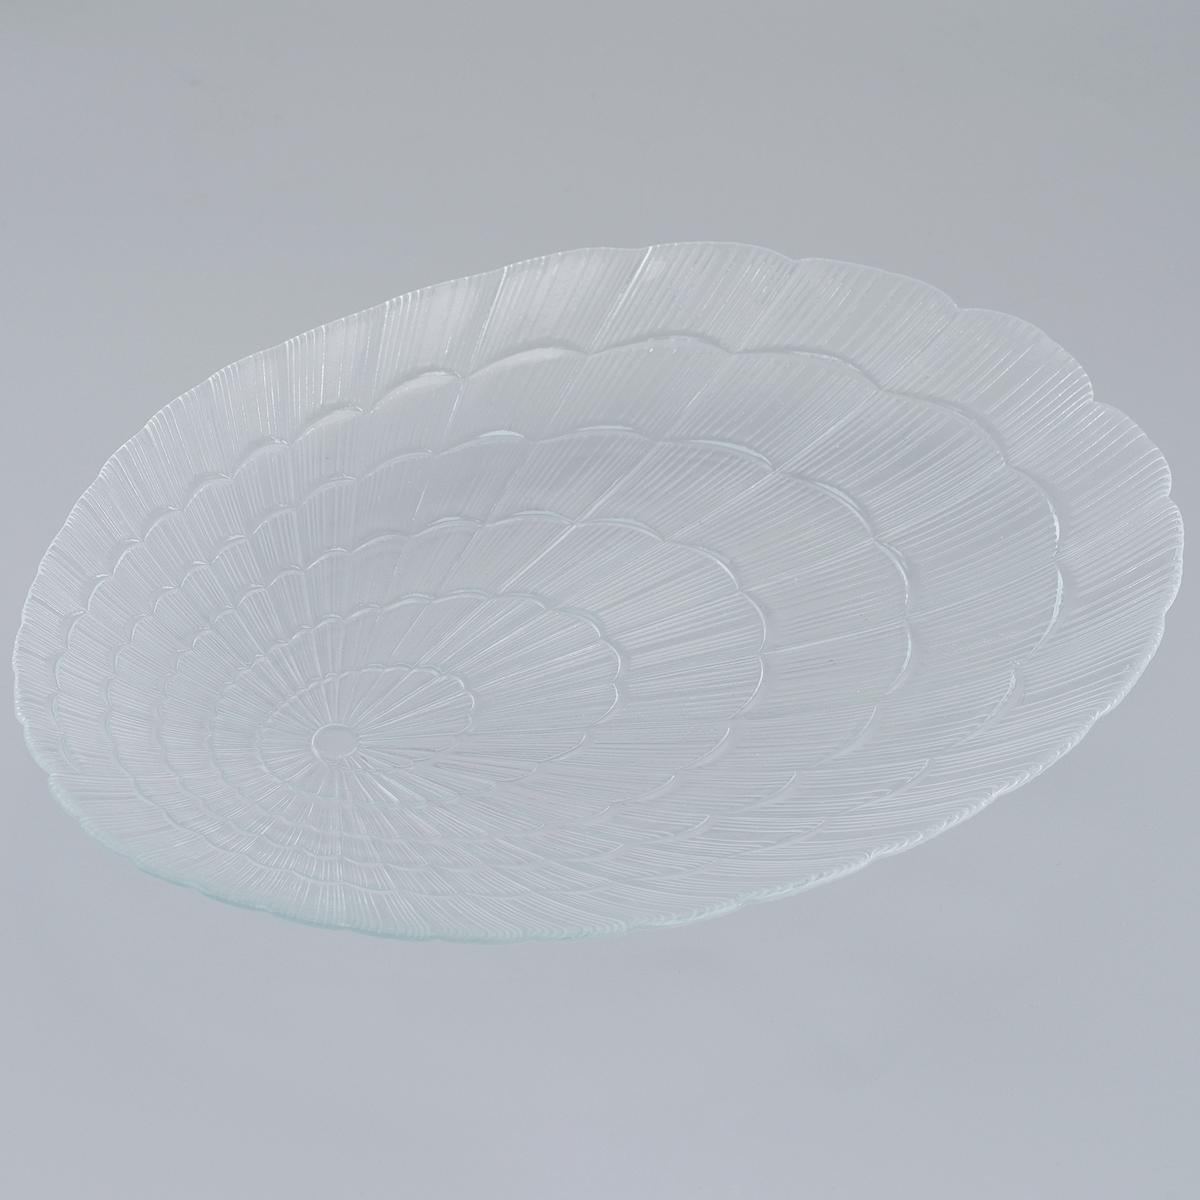 Тарелка Pasabahce Atlantis, овальная, 32 см х 23,5 см10239BОвальная тарелка Pasabahce Atlantis, выполненная из закаленного стекла, декорирована рифленым узором. Она сочетают в себе изысканный дизайн с максимальной функциональностью. Оригинальность оформления тарелки придется по вкусу и ценителям классики, и тем, кто предпочитает утонченность и изящность. Тарелка Pasabahce Atlantis предназначена для красивой сервировки различных блюд. Можно использовать в морозильной камере и микроволновой печи. Можно мыть в посудомоечной машине. Размер тарелки: 32 см х 23,5 см. Высота стенок: 2 см.